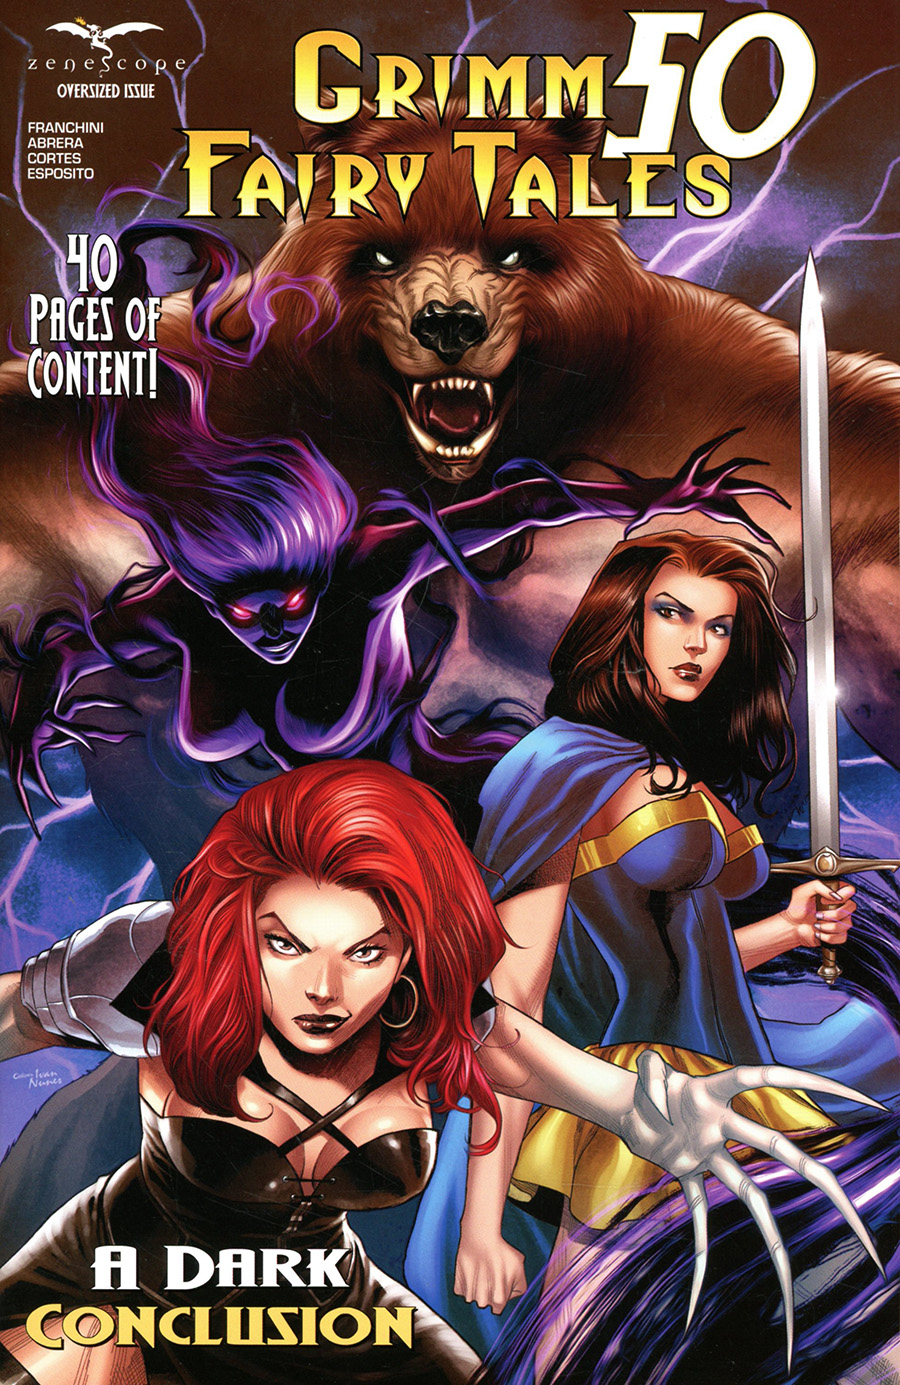 Grimm Fairy Tales Vol 2 #50 Cover D Martin Coccolo